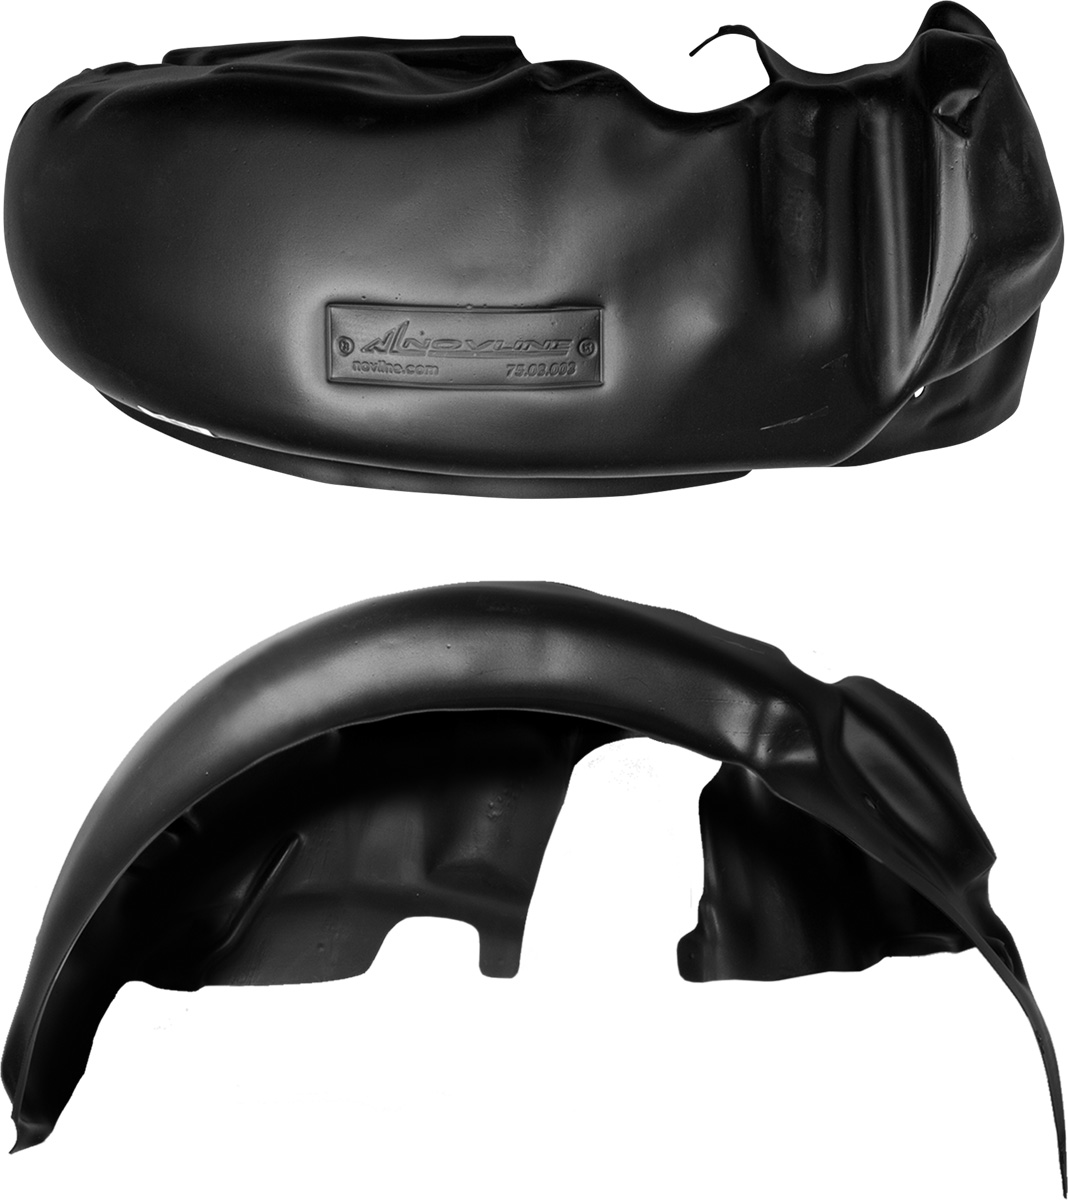 Подкрылок Novline-Autofamily, для Lada Vesta, 2015->, седан (передний левый)NLL.52.33.001Подкрылок выполнен из высококачественного, экологически чистого пластика. Обеспечивает надежную защиту кузова автомобиля от пескоструйного эффекта и негативного влияния, агрессивных антигололедных реагентов. Пластик обладает более низкой теплопроводностью, чем металл, поэтому в зимний период эксплуатации использование пластиковых подкрылков позволяет лучше защитить колесные ниши от налипания снега и образования наледи. Оригинальность конструкции подчеркивает элегантность автомобиля, бережно защищает нанесенное на днище кузова антикоррозийное покрытие и позволяет осуществить крепление подкрылка внутри колесной арки практически без дополнительного крепежа и сверления, не нарушая при этом лакокрасочного покрытия, что предотвращает возникновение новых очагов коррозии. Технология крепления подкрылка на иномарки принципиально отличается от крепления на российские автомобили и разрабатывается индивидуально для каждой модели автомобиля. Подкрылок долговечен, обладает высокой прочностью и сохраняет заданную форму, а также все свои физико-механические характеристики в самых тяжелых климатических условиях ( от -50° С до + 50° С).